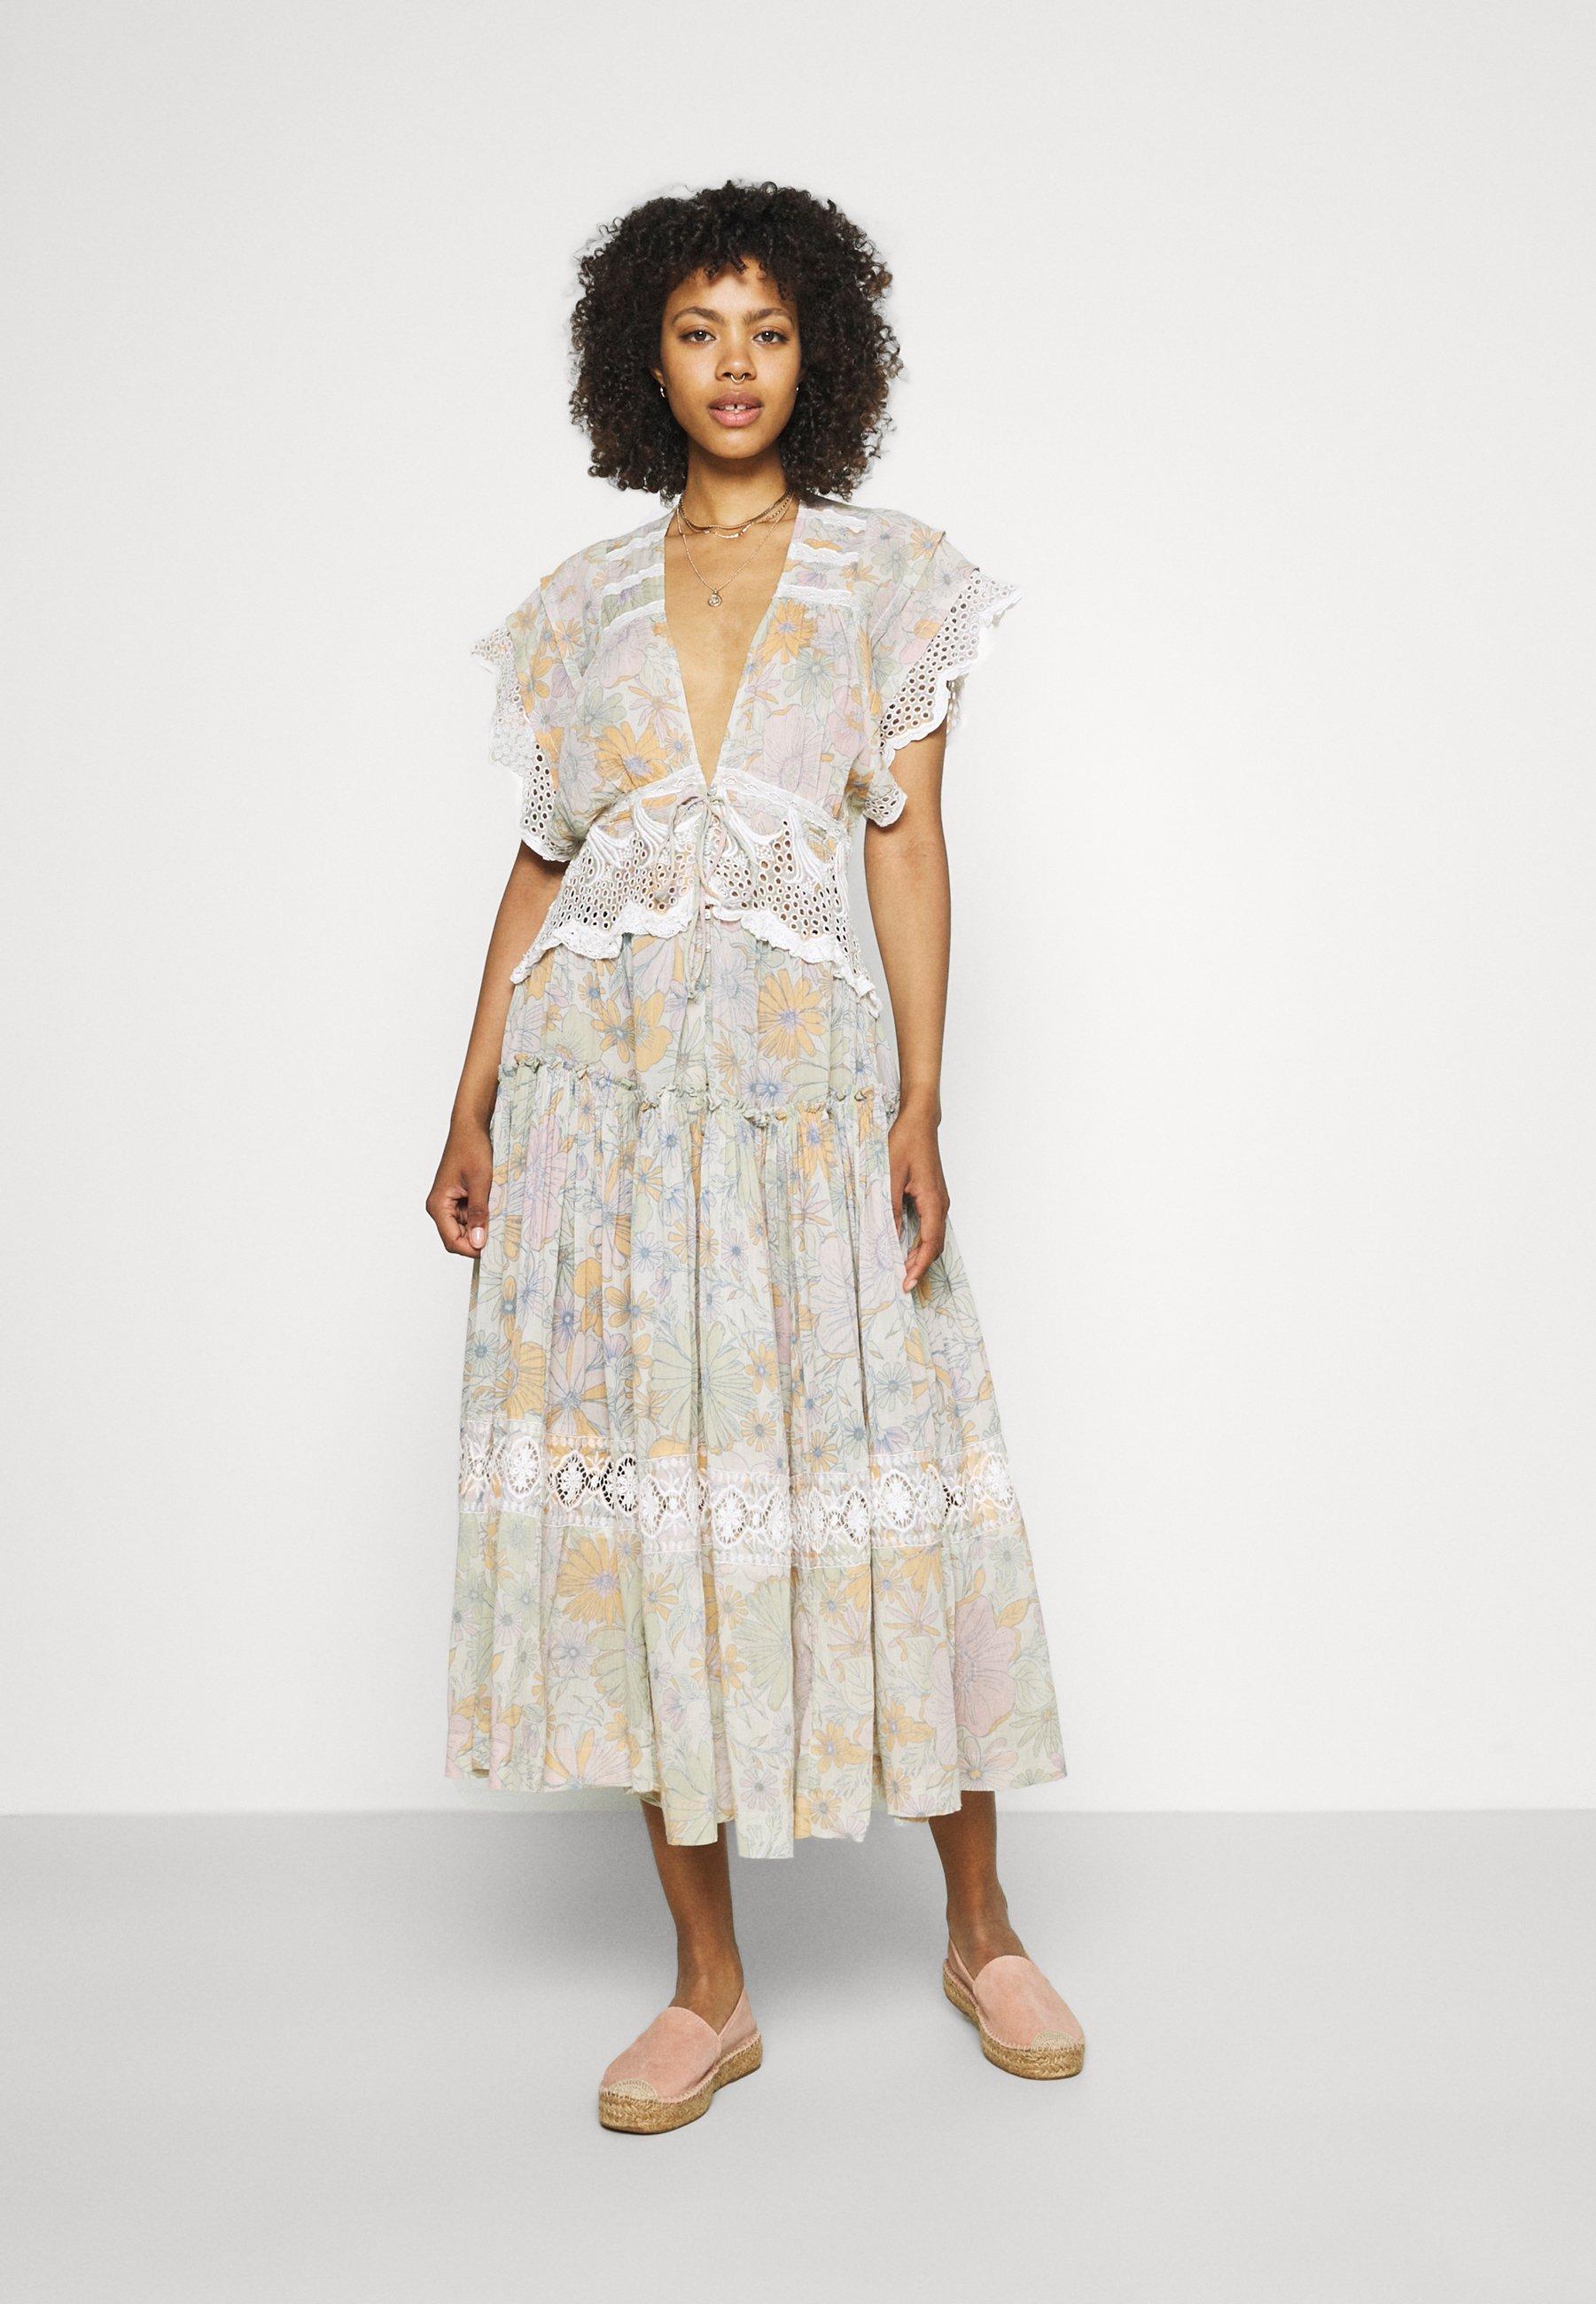 Femme FIELD OF DREAMS  - Robe longue